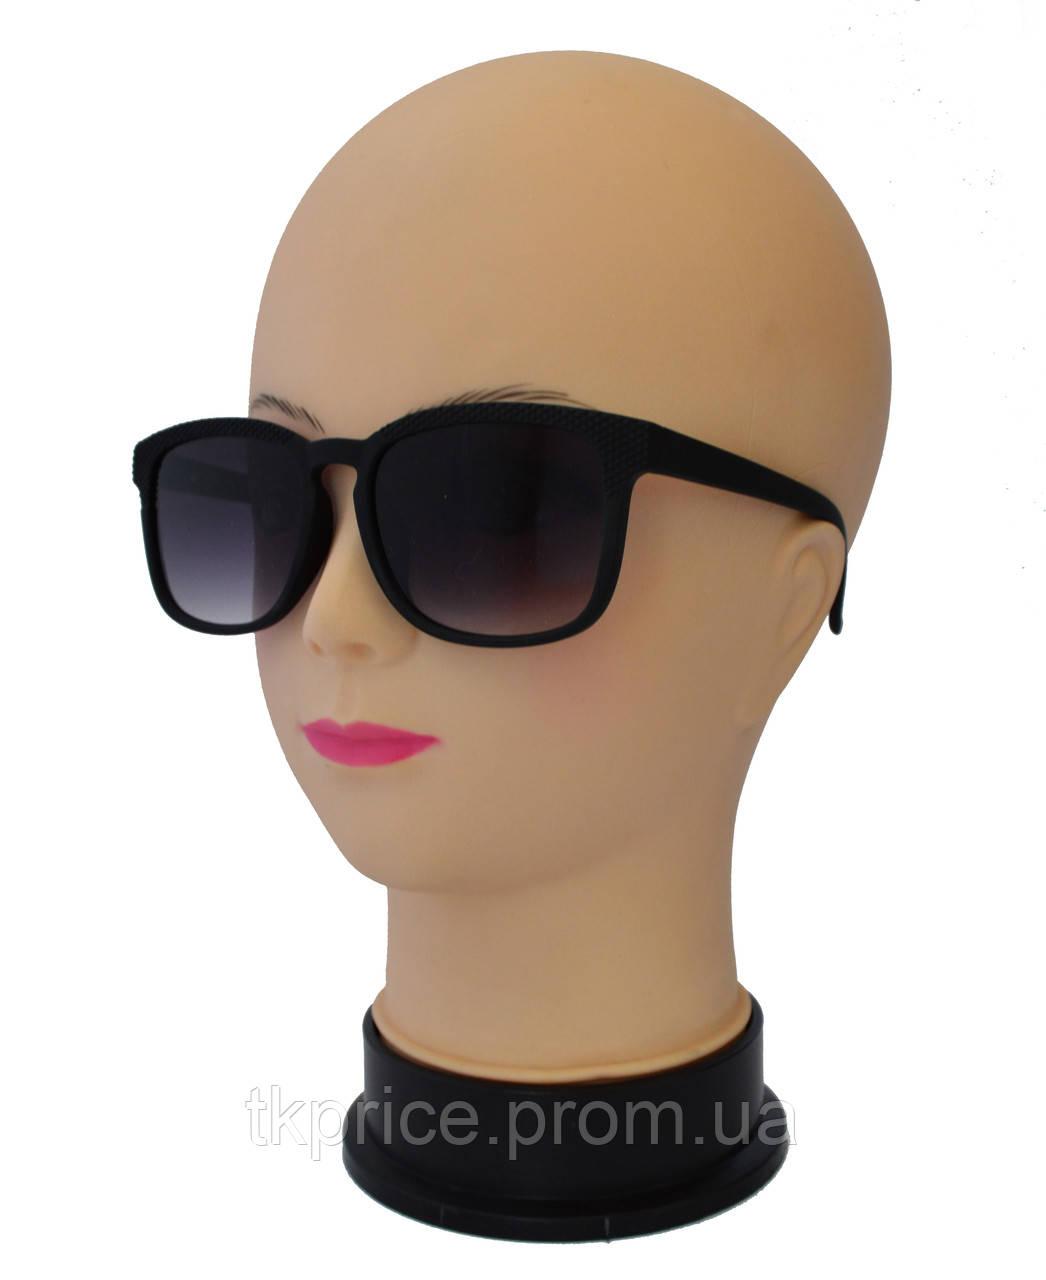 Солнцезащитные очки унисекс 8620